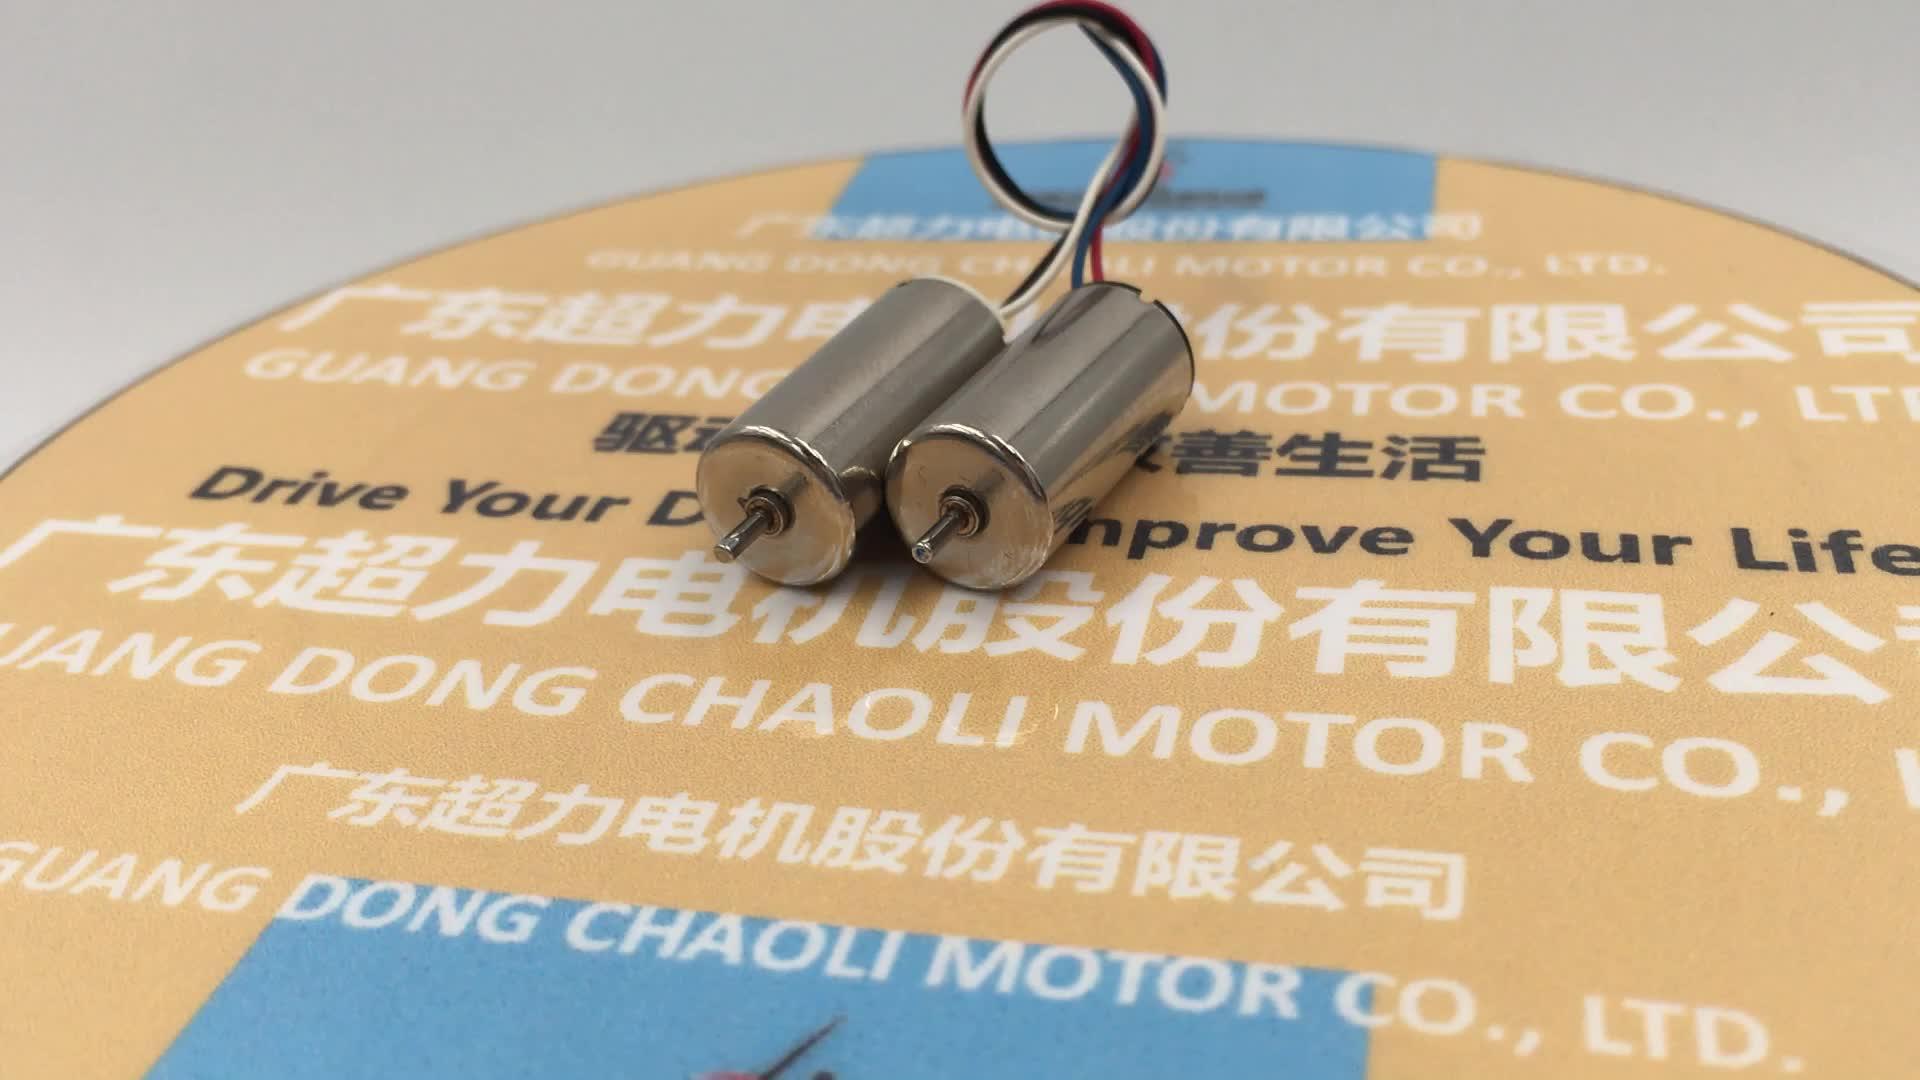 3.7V 10mm of diameter coreless motor CL-1020 for toy moving robot